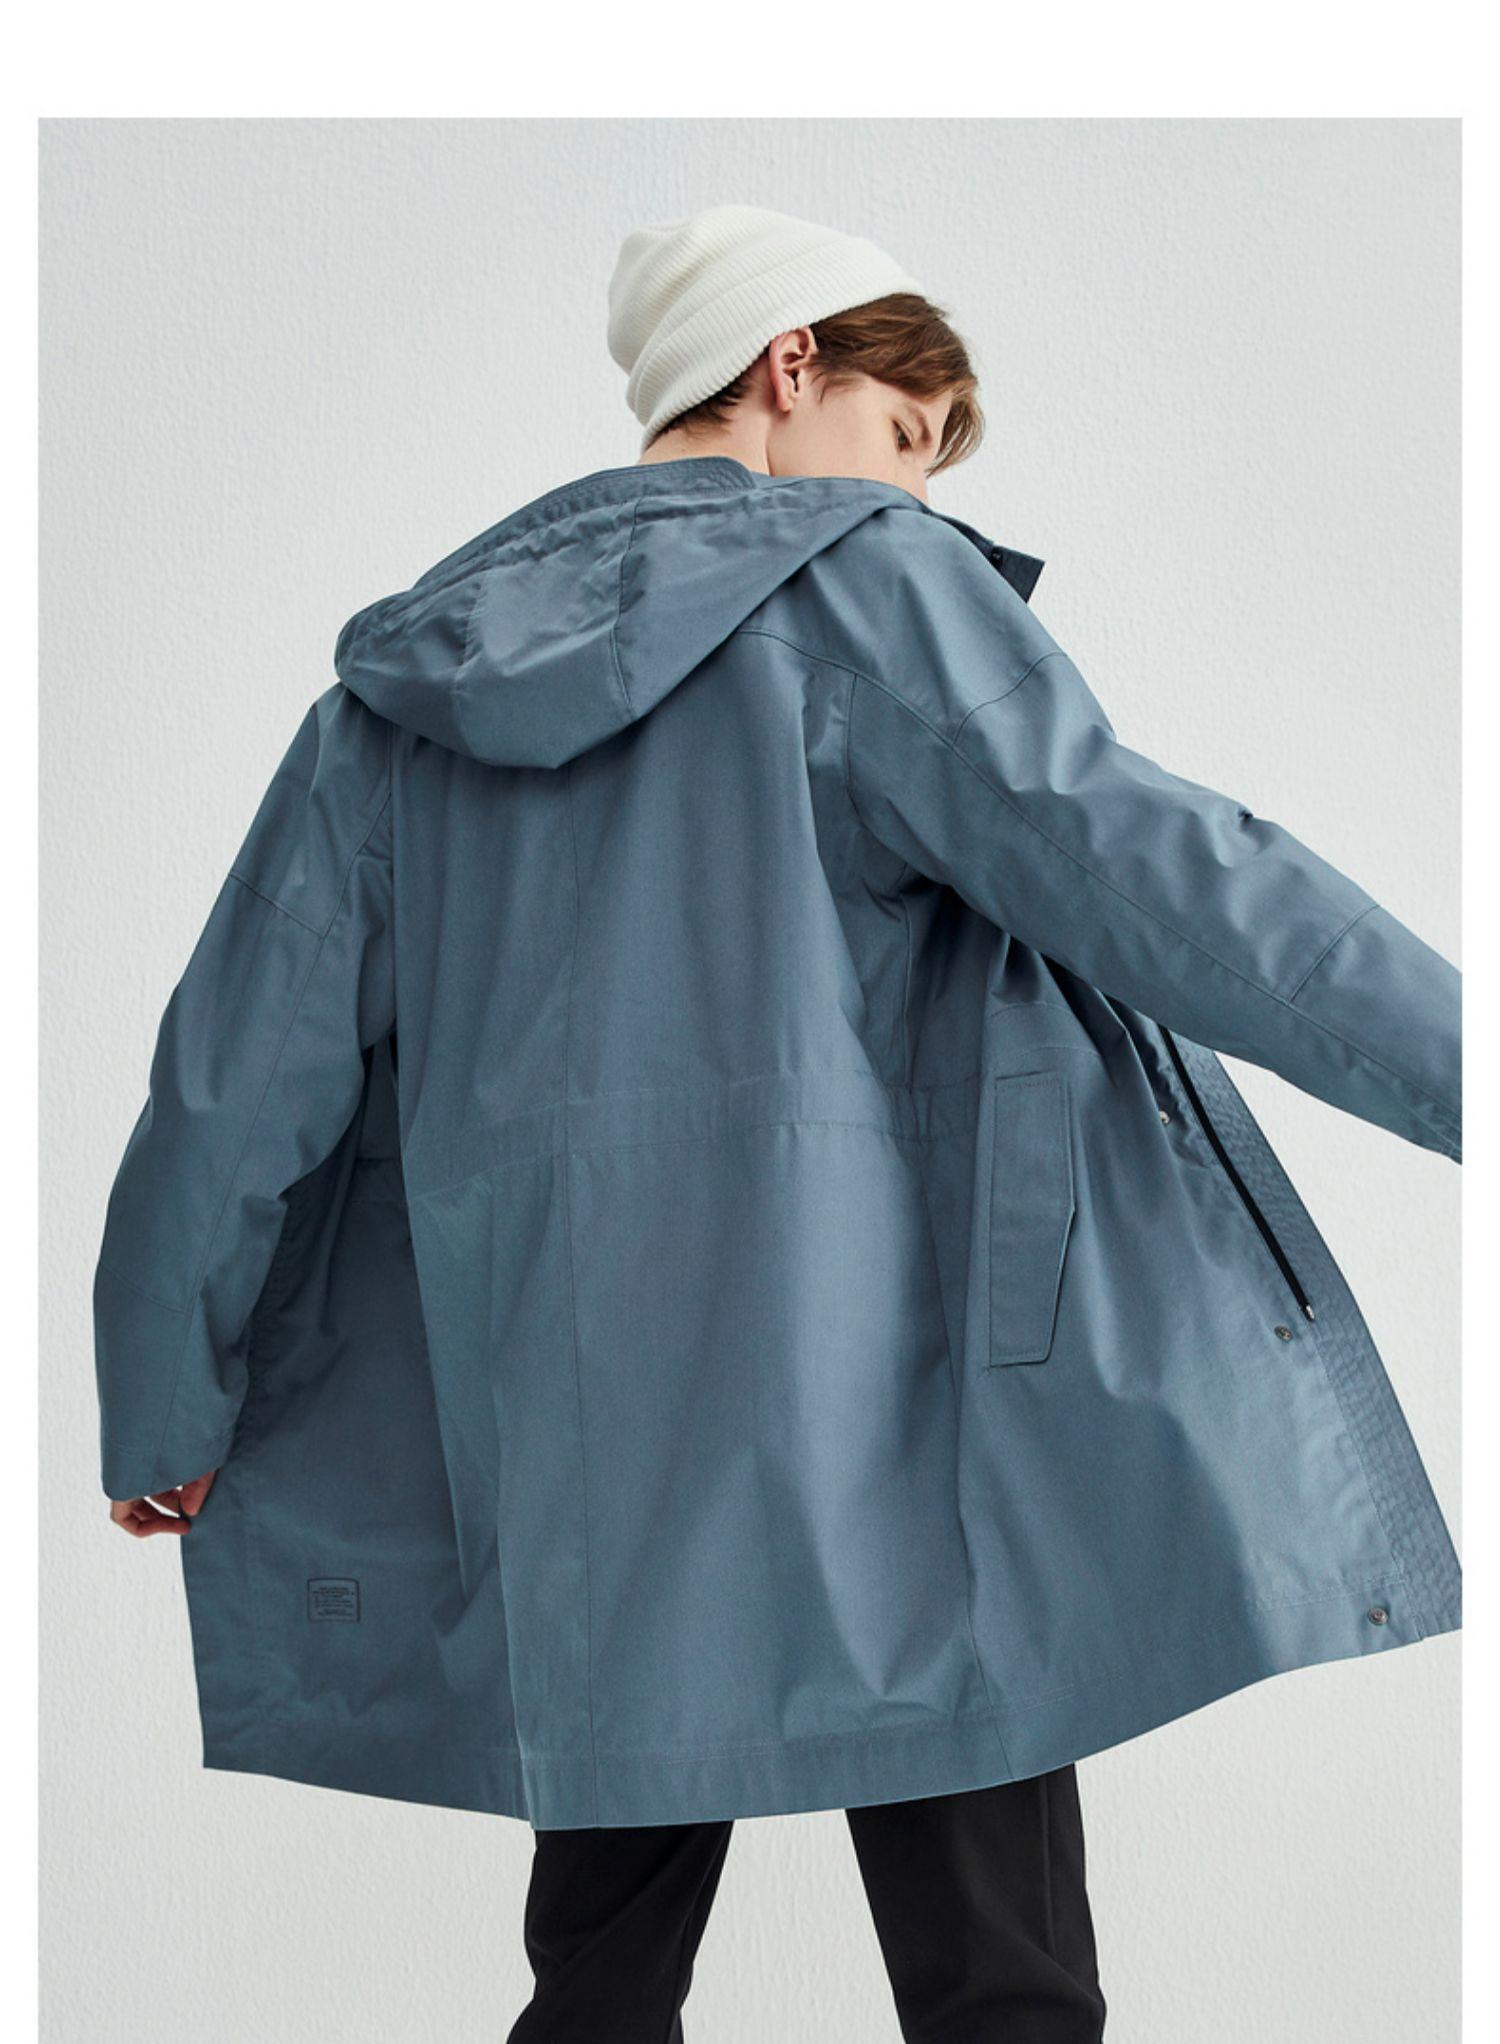 马克华菲风衣男秋季新款黑色宽松潮流连帽同款外套休闲韩版商品详情图